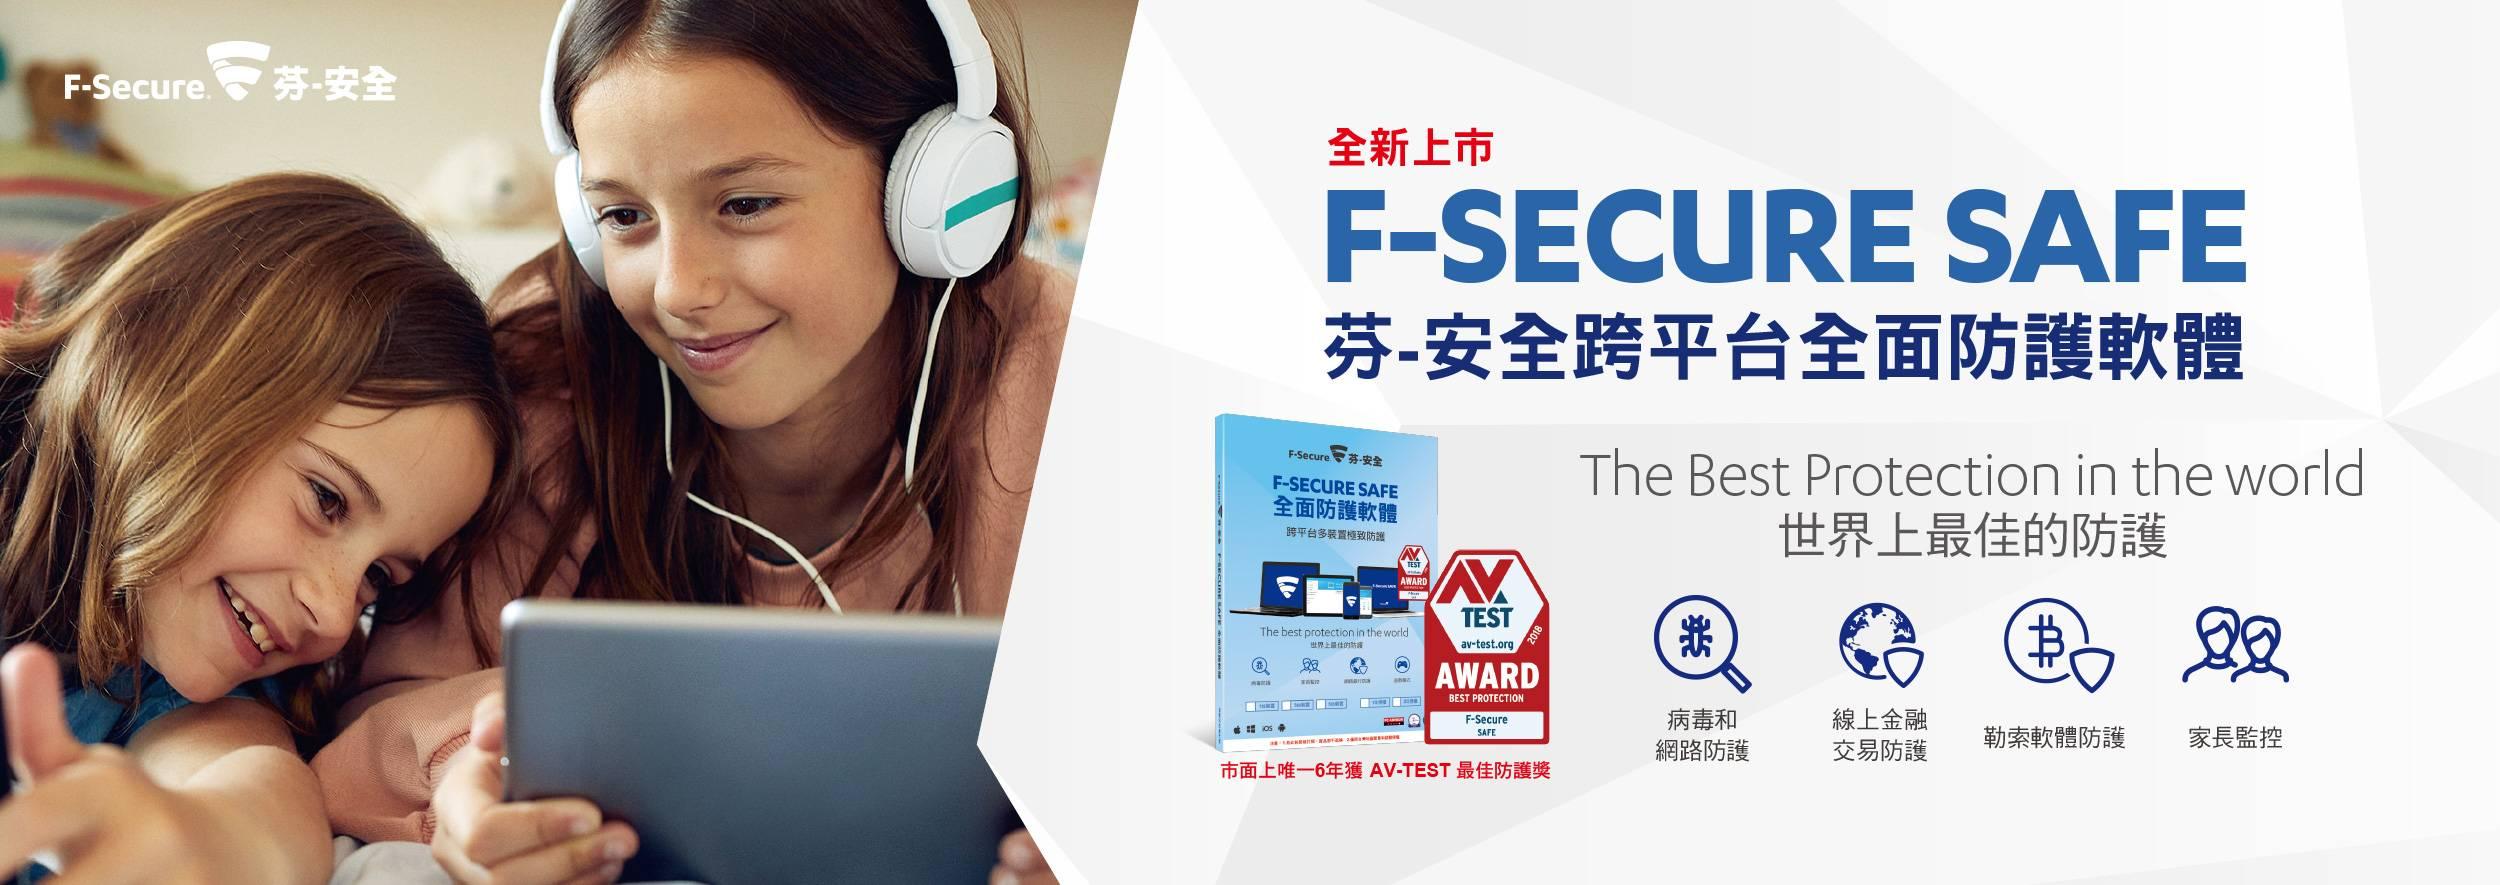 芬-安全 F-Secure SAFE再次榮獲AV-TEST「最佳防護獎」 新版重裝上市 提供台灣個人與家庭最安全的網路防護